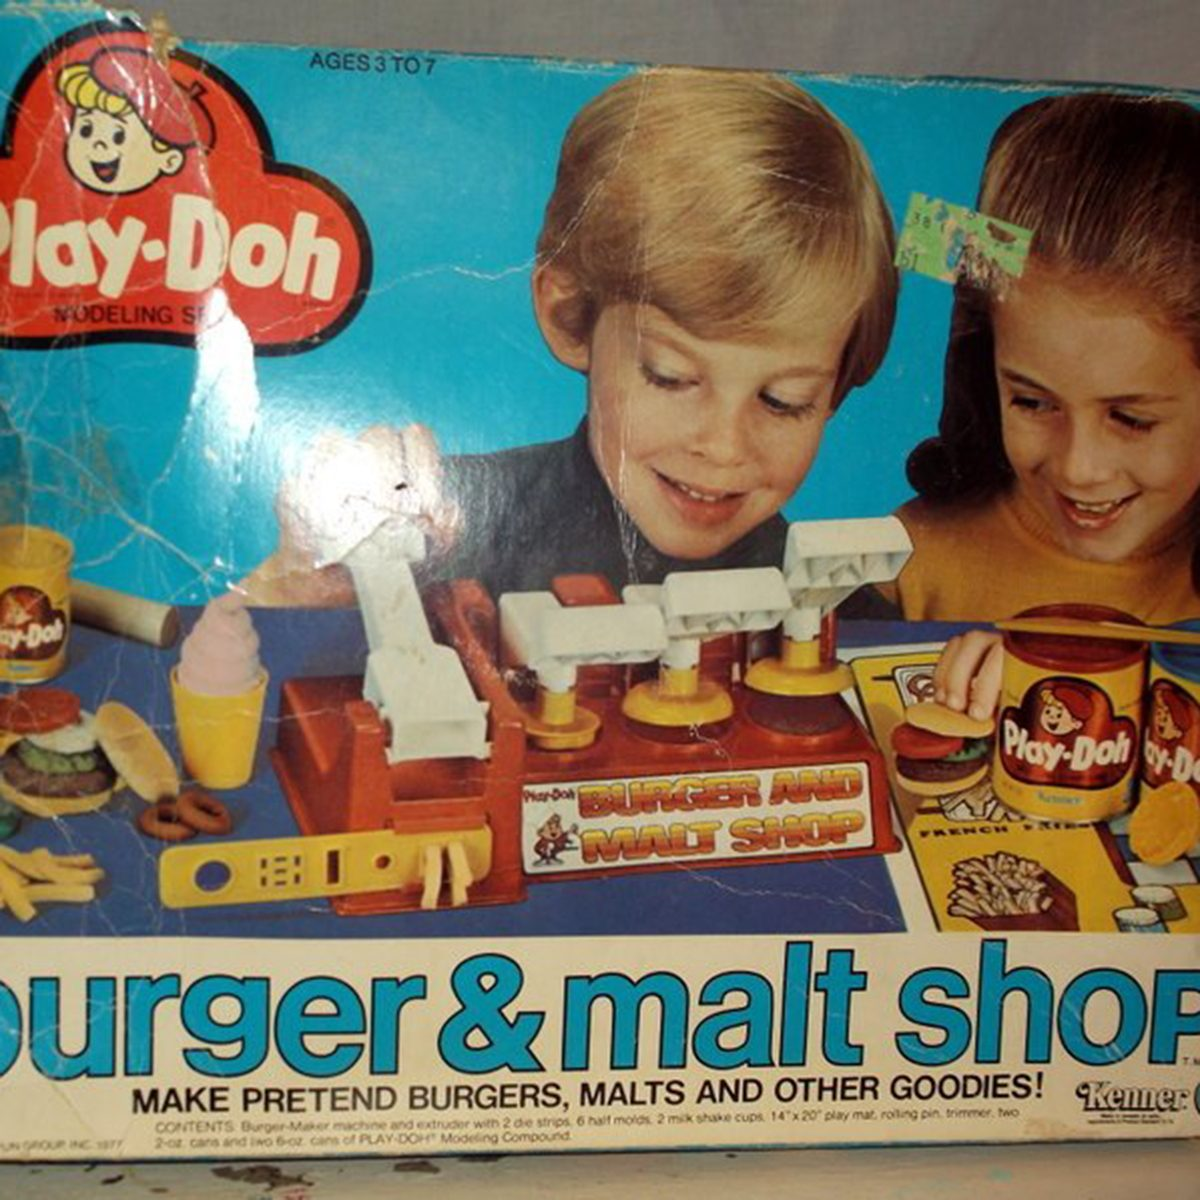 Play Doh Set Vintage 1977 Kenner Play-Doh Modeling Set Burger and Malt Shop